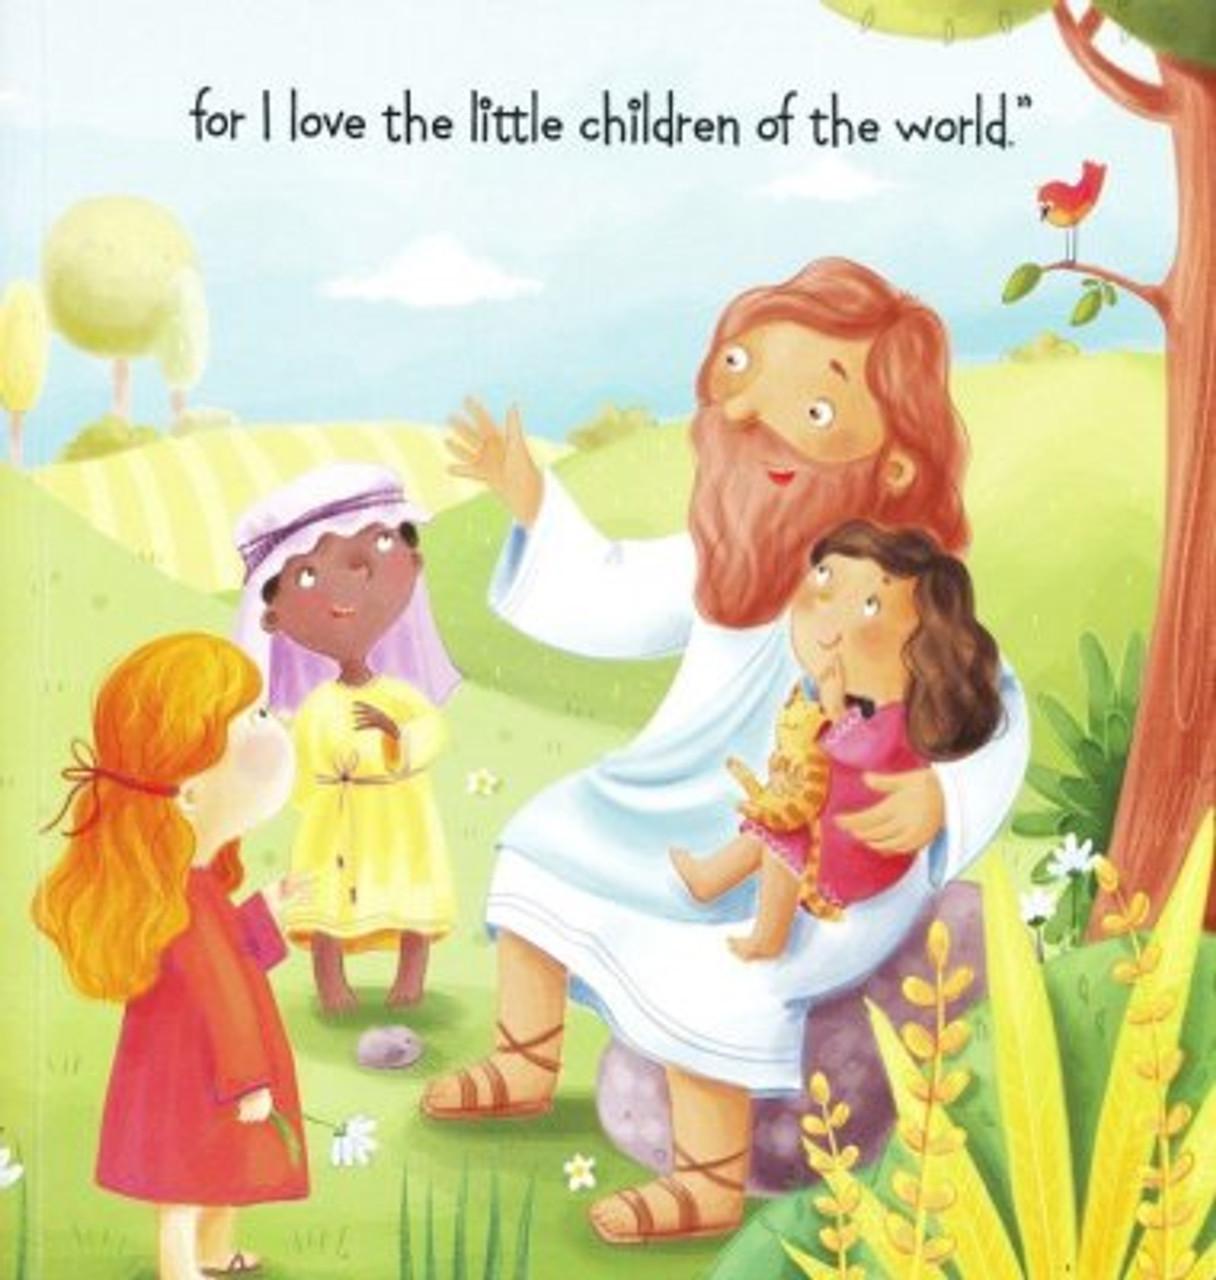 Jesus loves the little children sing along book